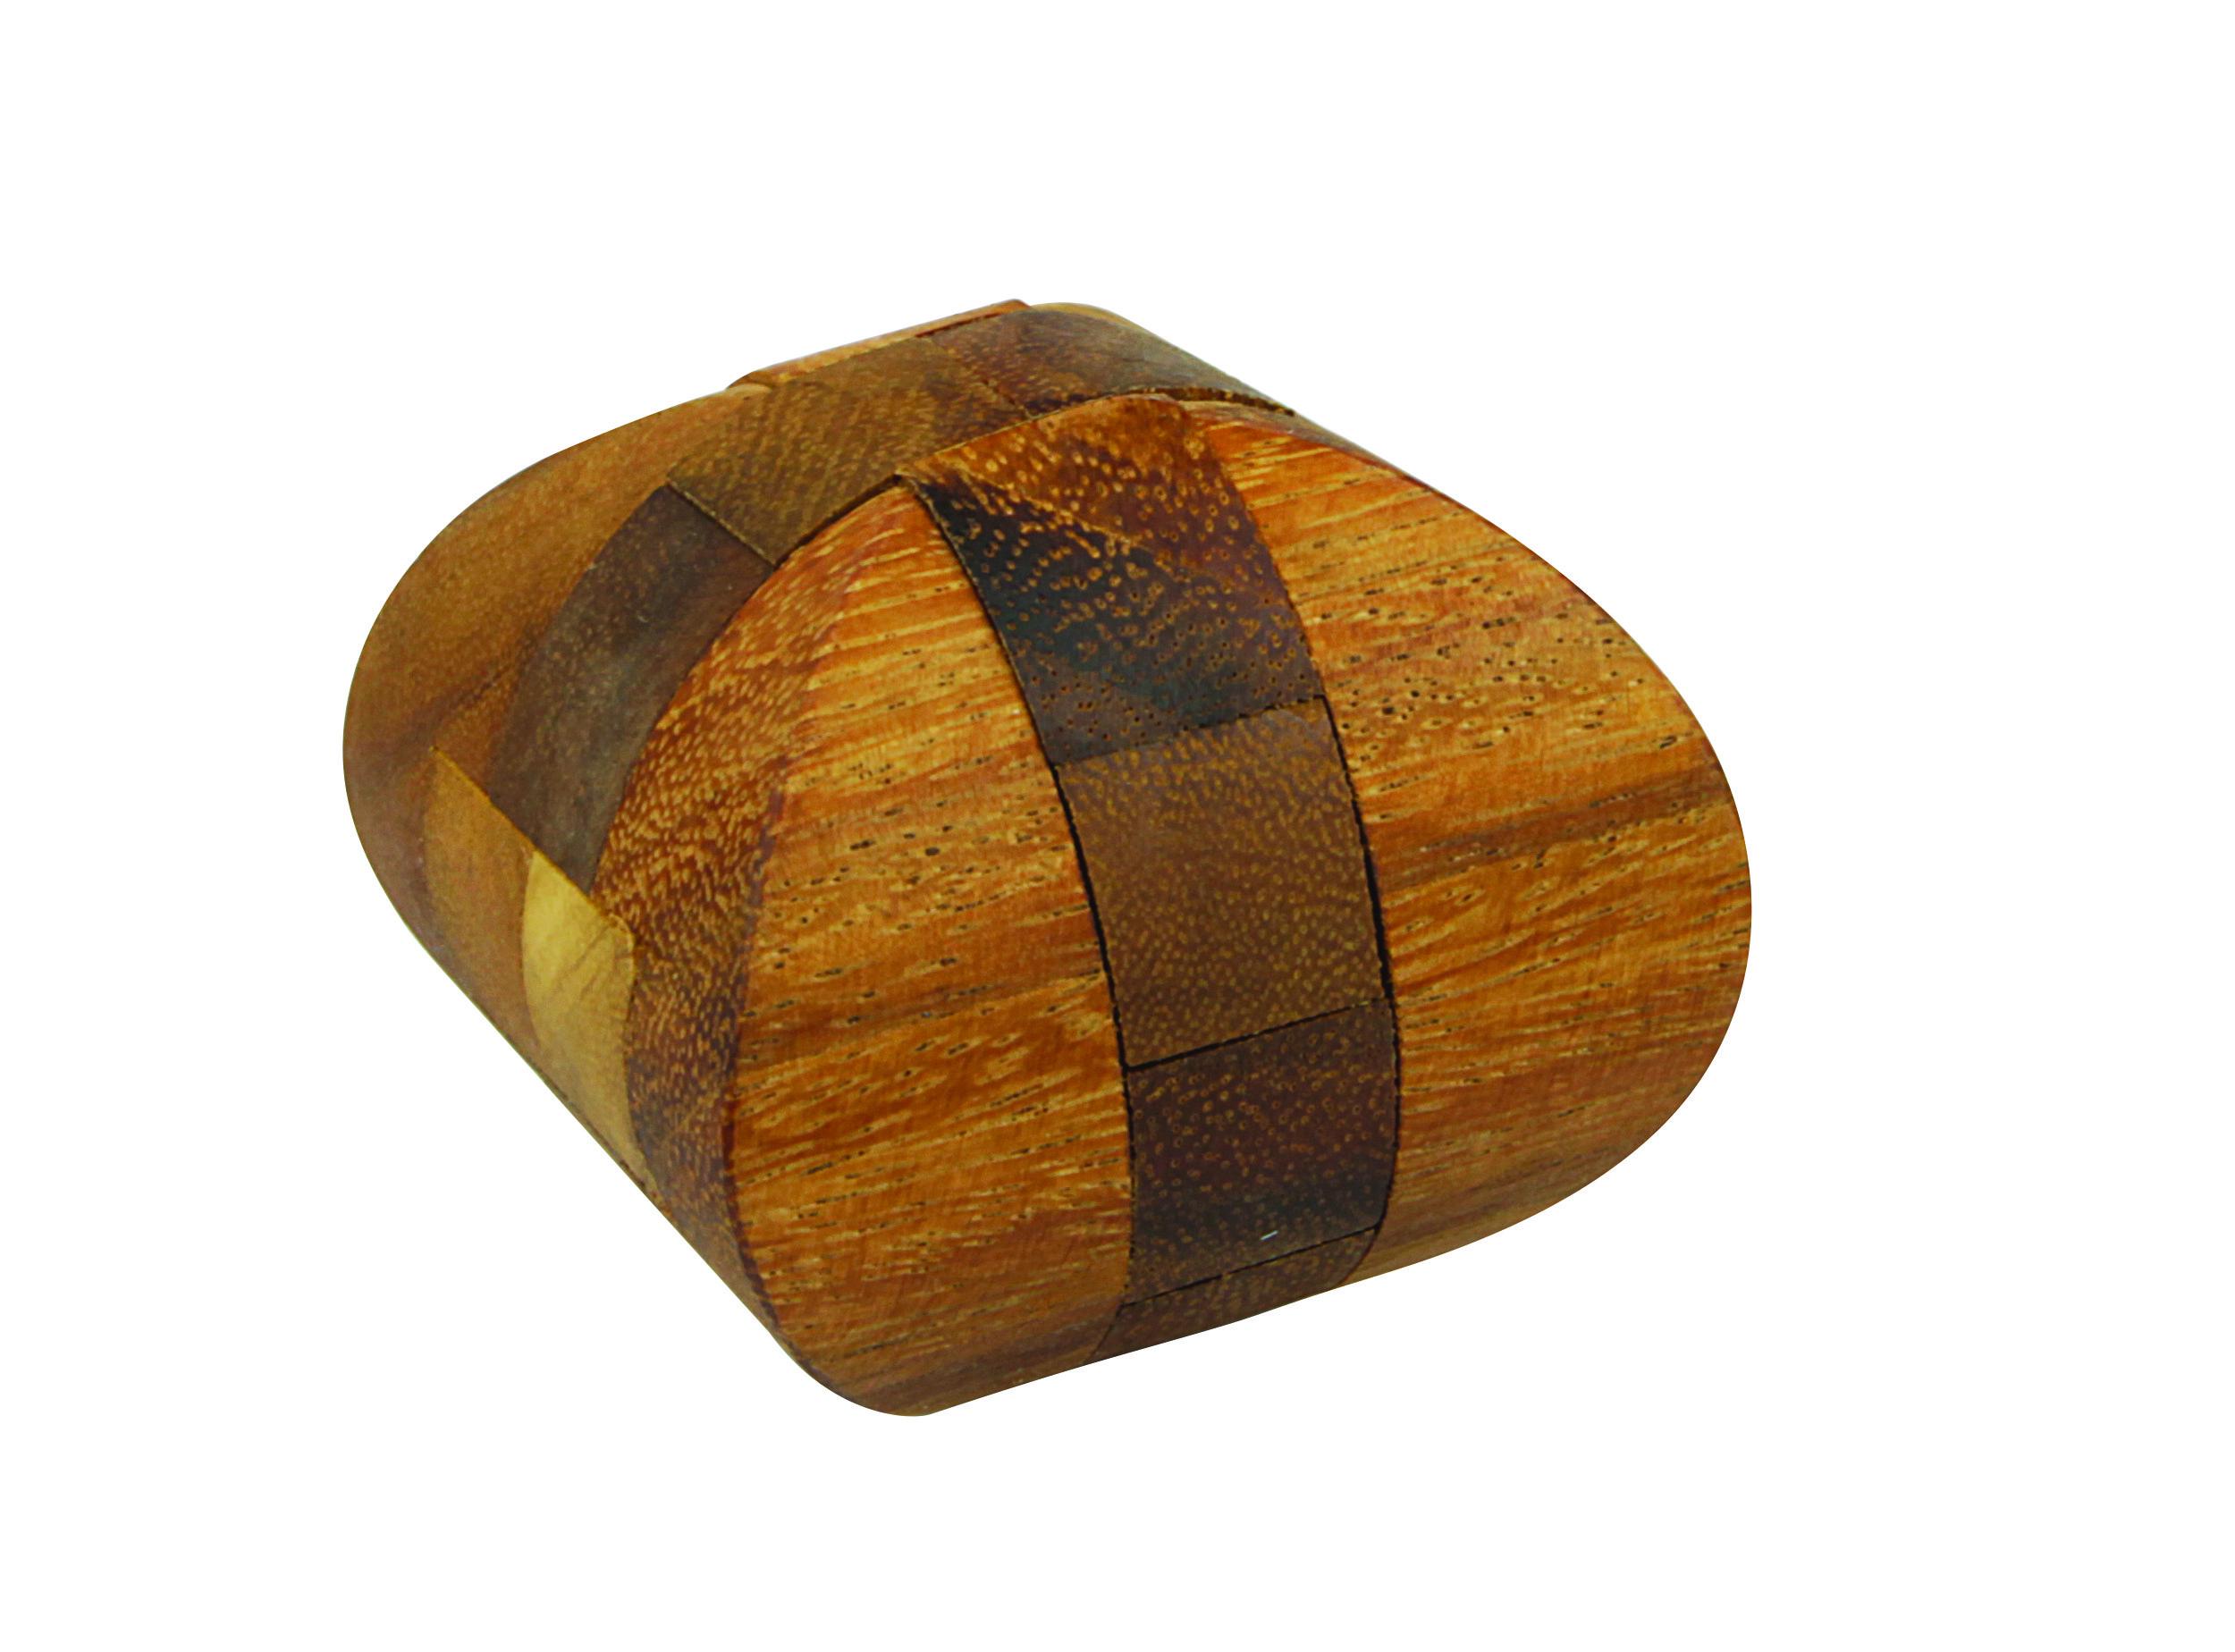 Casse-têtes - Le pain dans le monde --Riviera Games